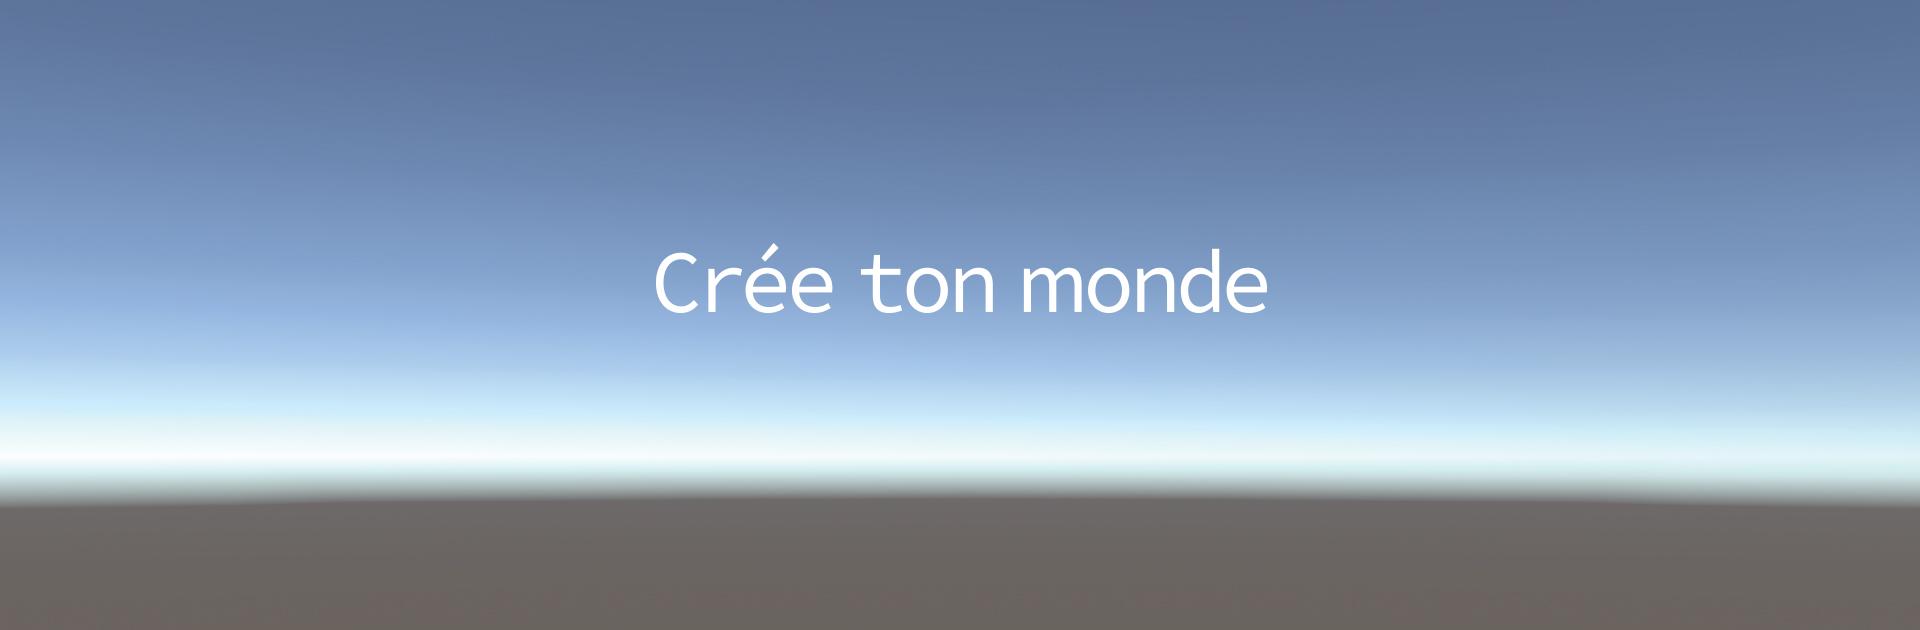 Nouvelle campagne publicitaire de recrutement « Crée ton monde »